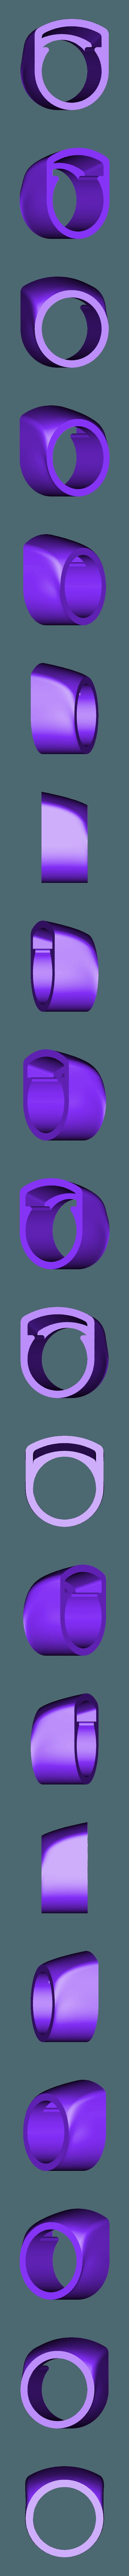 Synergy_Fishing_Nut_v1-0.STL Télécharger fichier STL gratuit Poteaux de pêche • Objet pour impression 3D, WalterHsiao